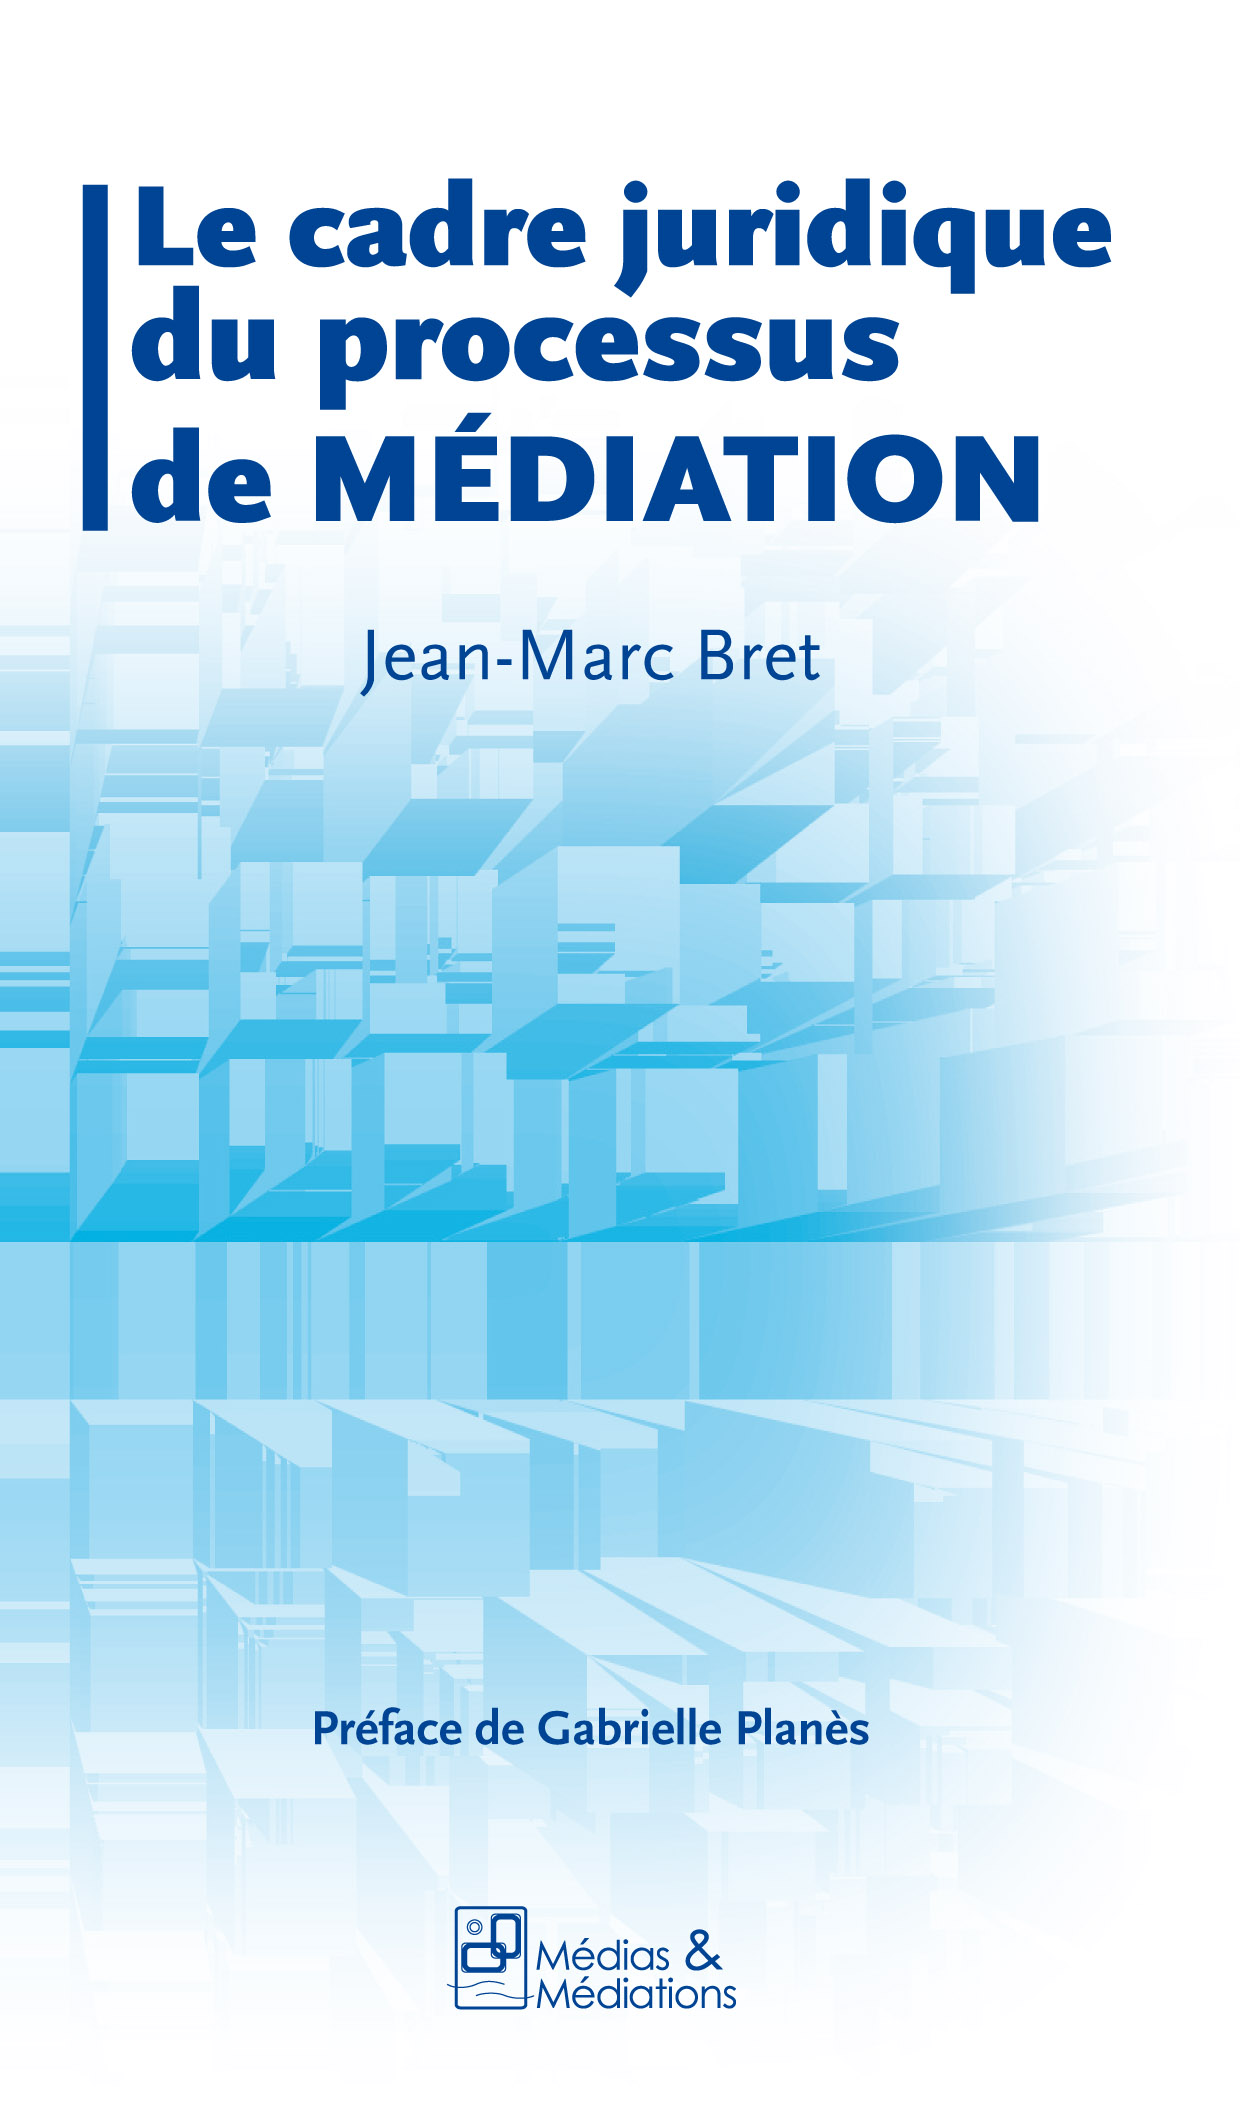 JM BRET médiateur à Lyon  publie un livre